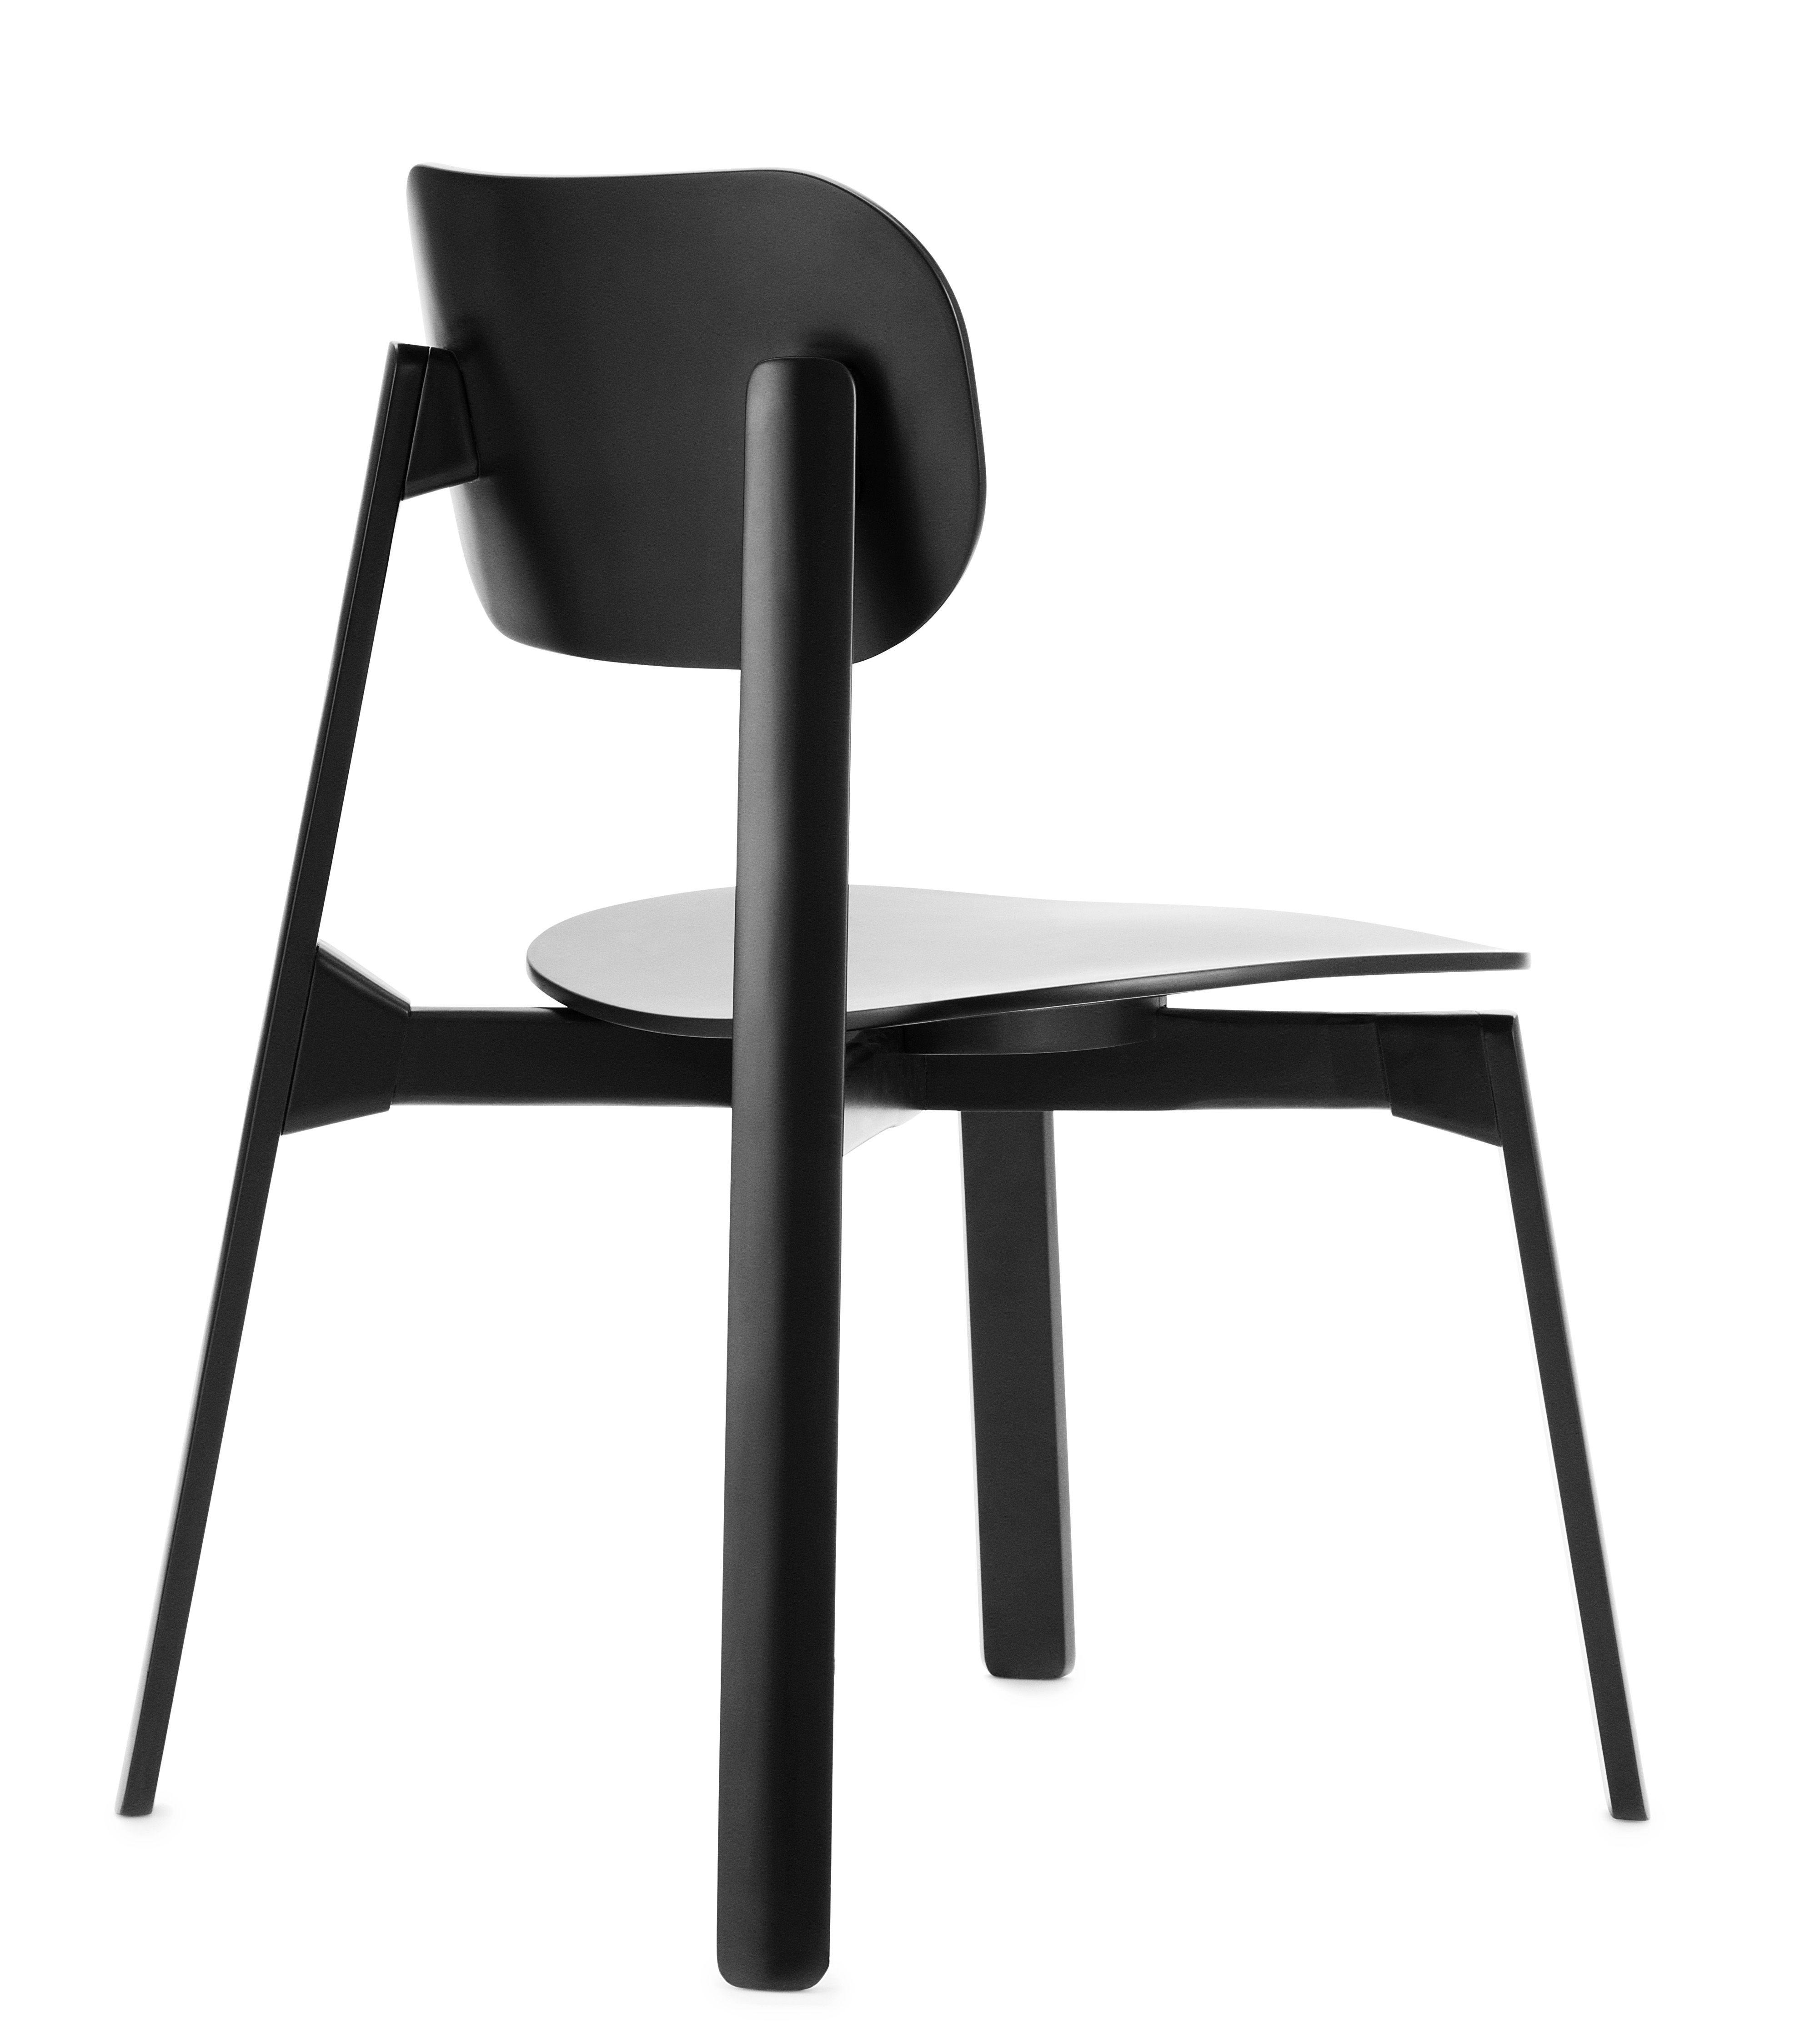 bark holz normann copenhagen stuhl. Black Bedroom Furniture Sets. Home Design Ideas